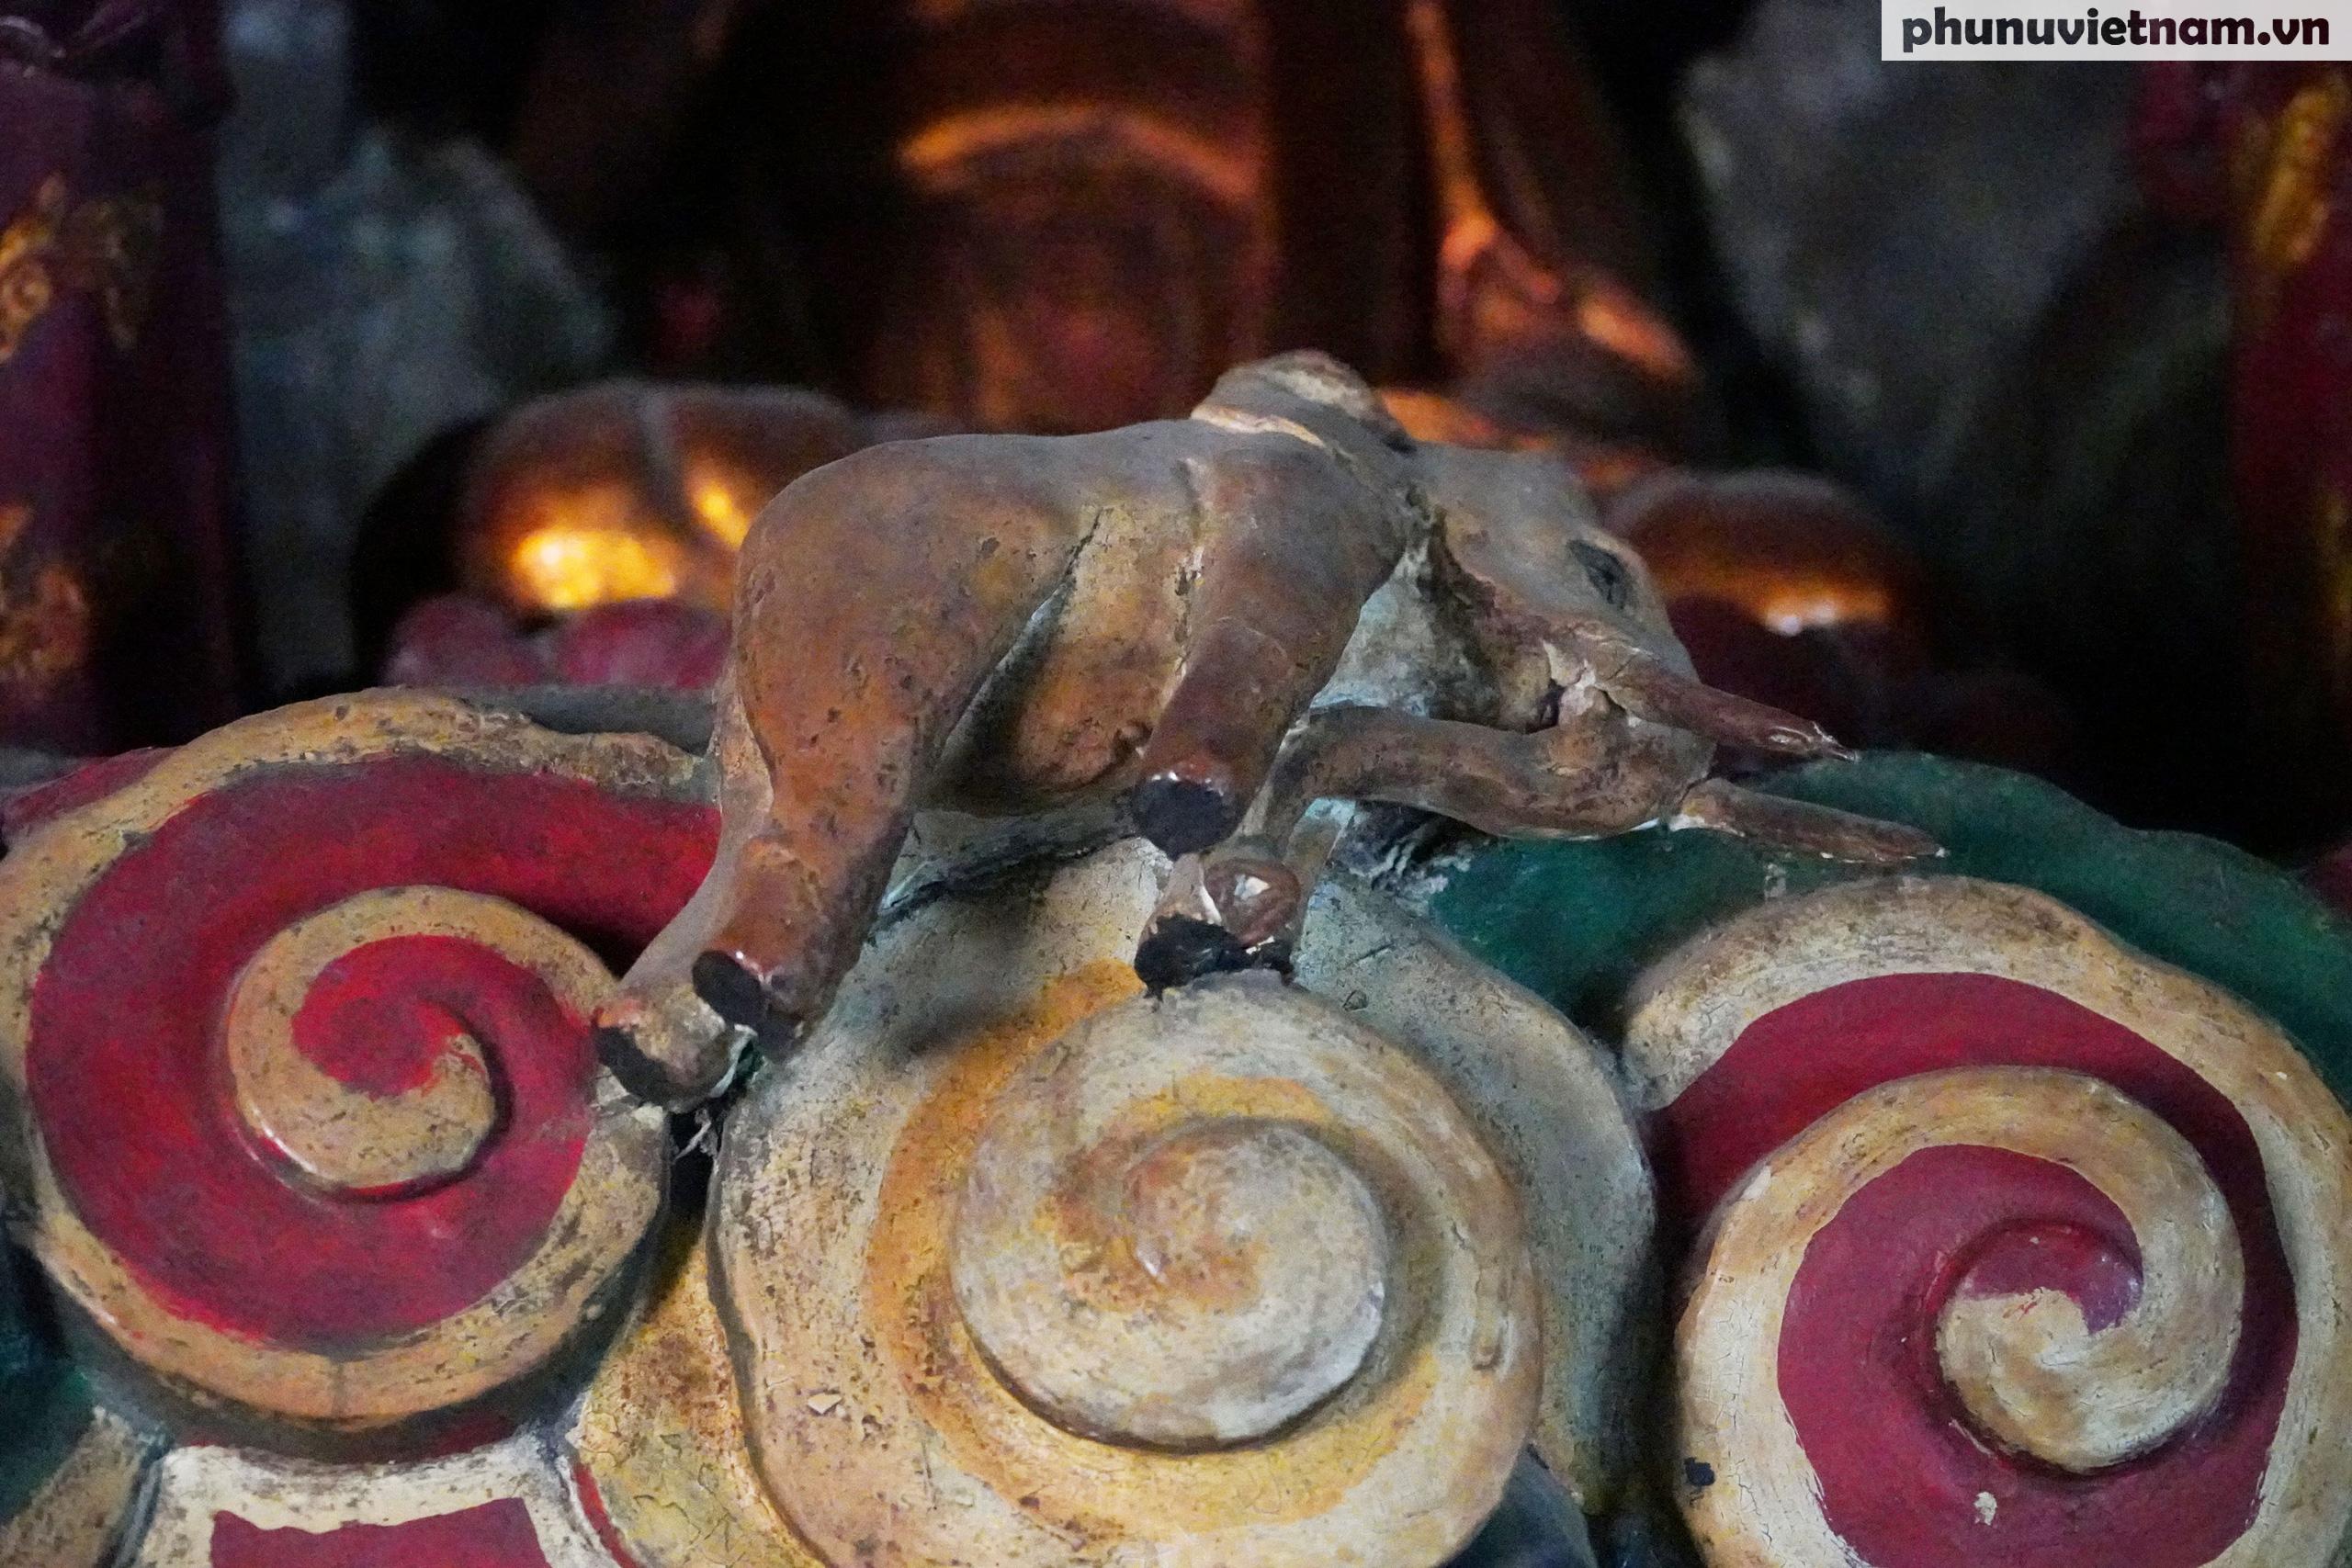 Ngỡ ngàng trước những kiệt tác bằng đất sét trên 200 tuổi về đạo Phật - Ảnh 14.